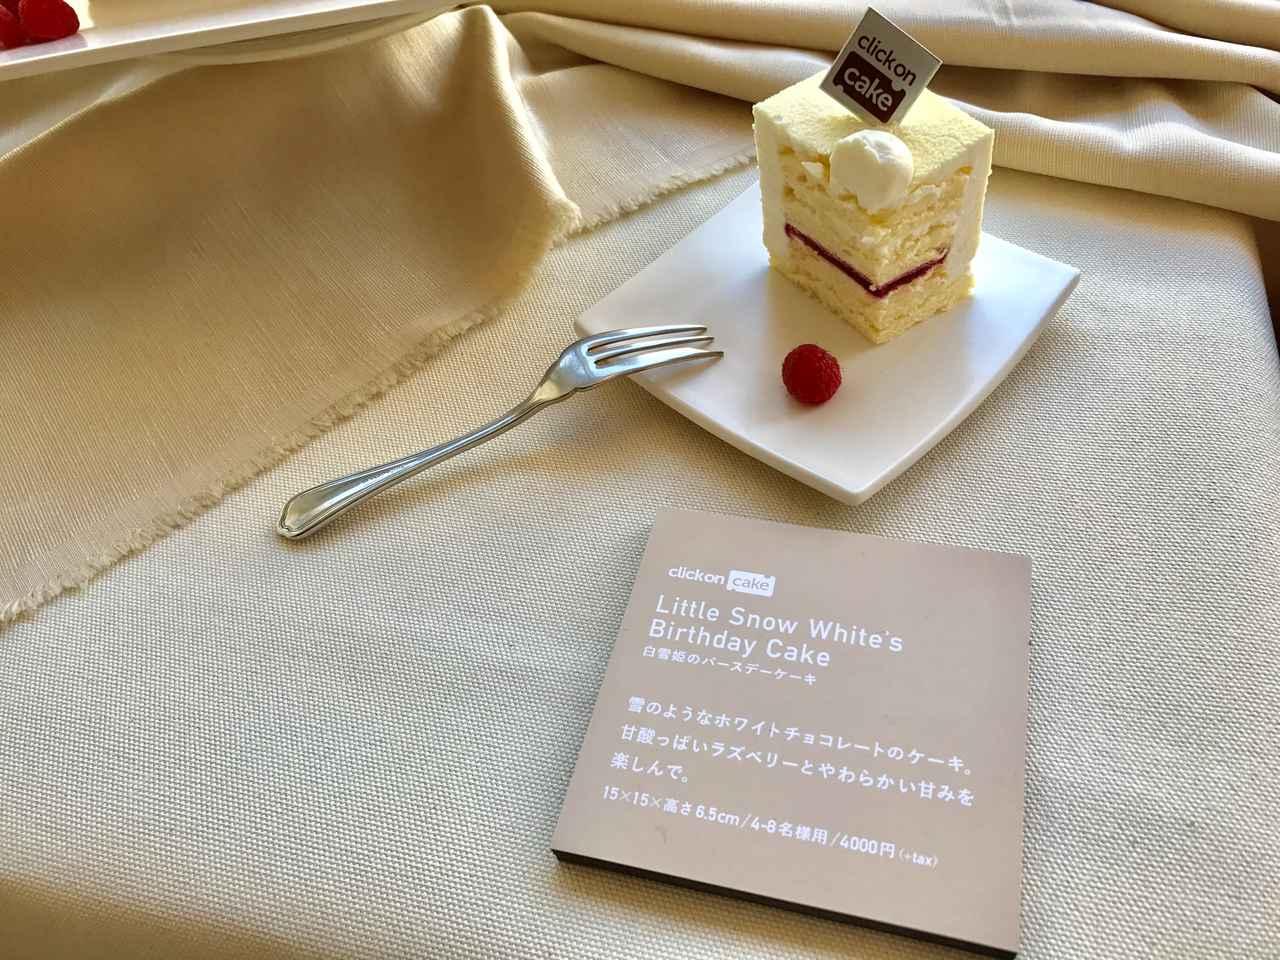 画像2: 白雪姫のバースデーケーキ ¥4,000(税抜)